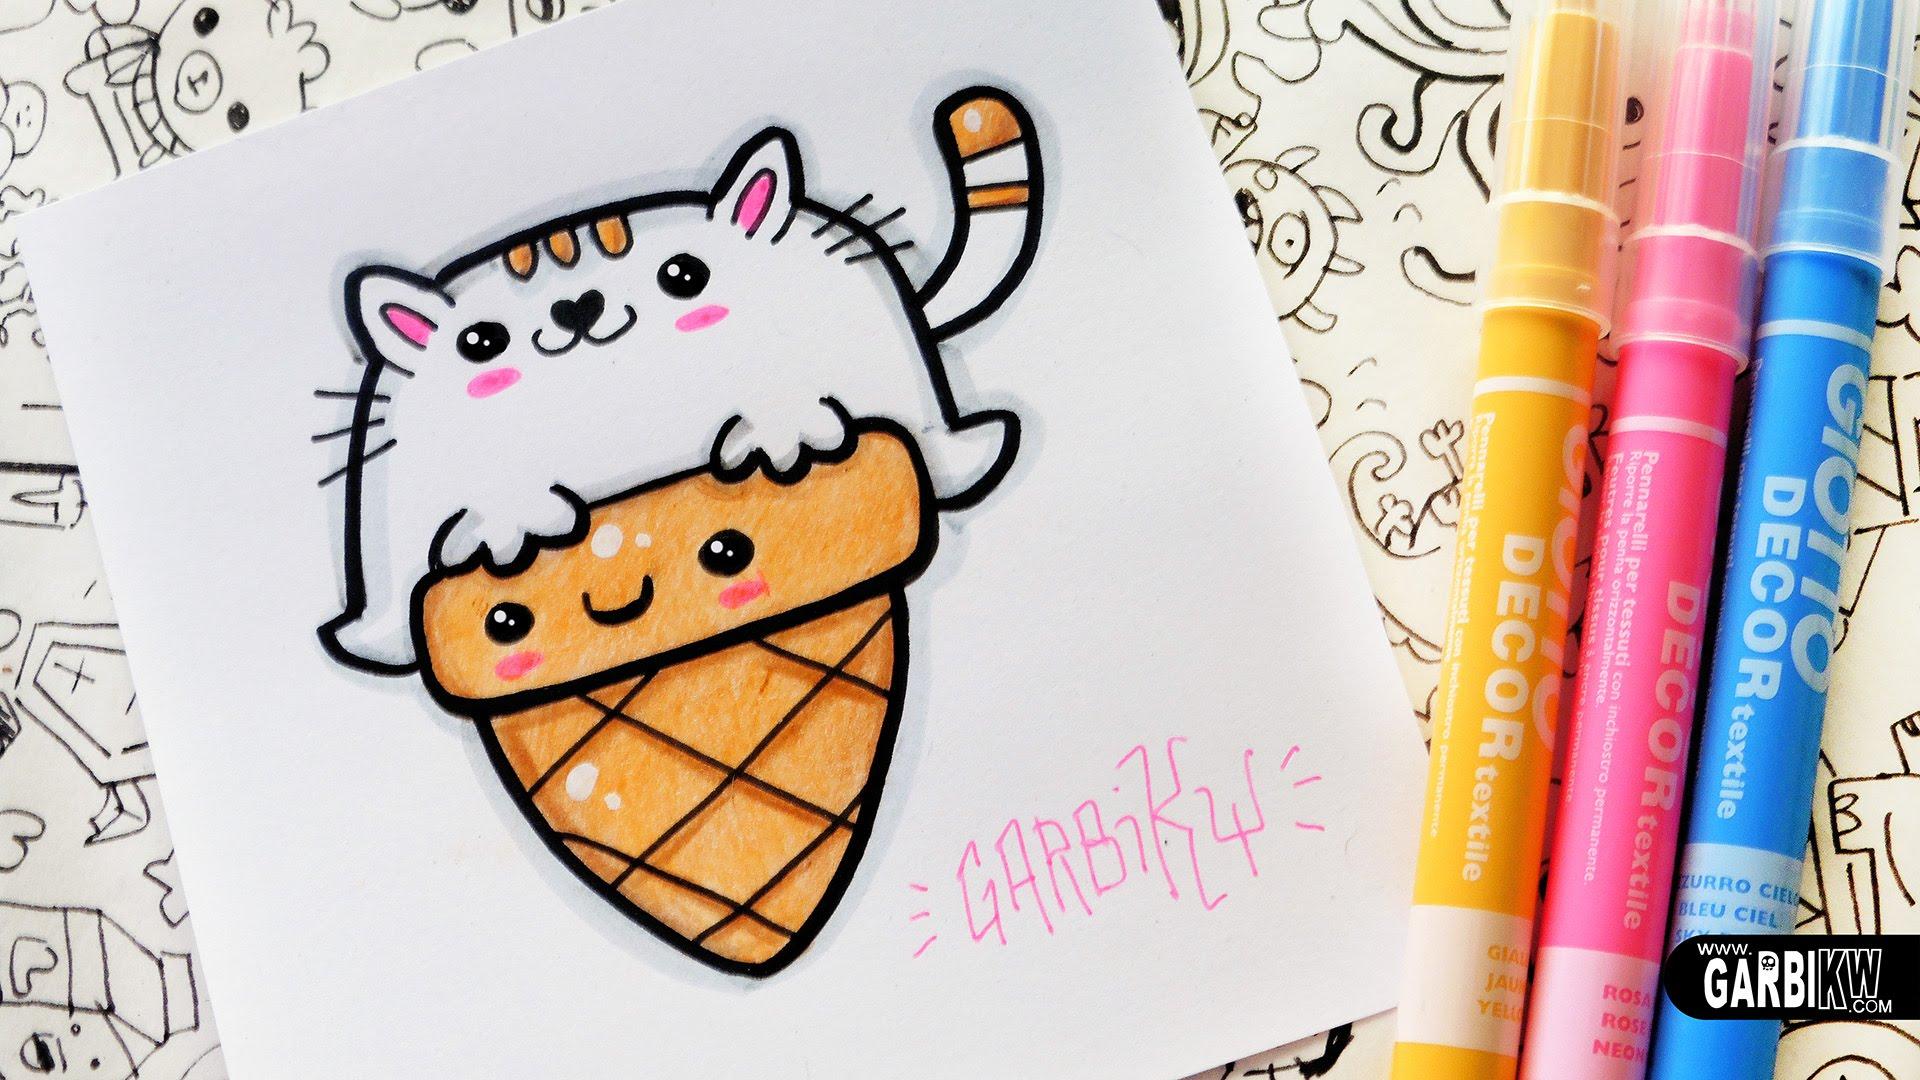 Drawn ice cream comic Kawaii Ice Garbi KW